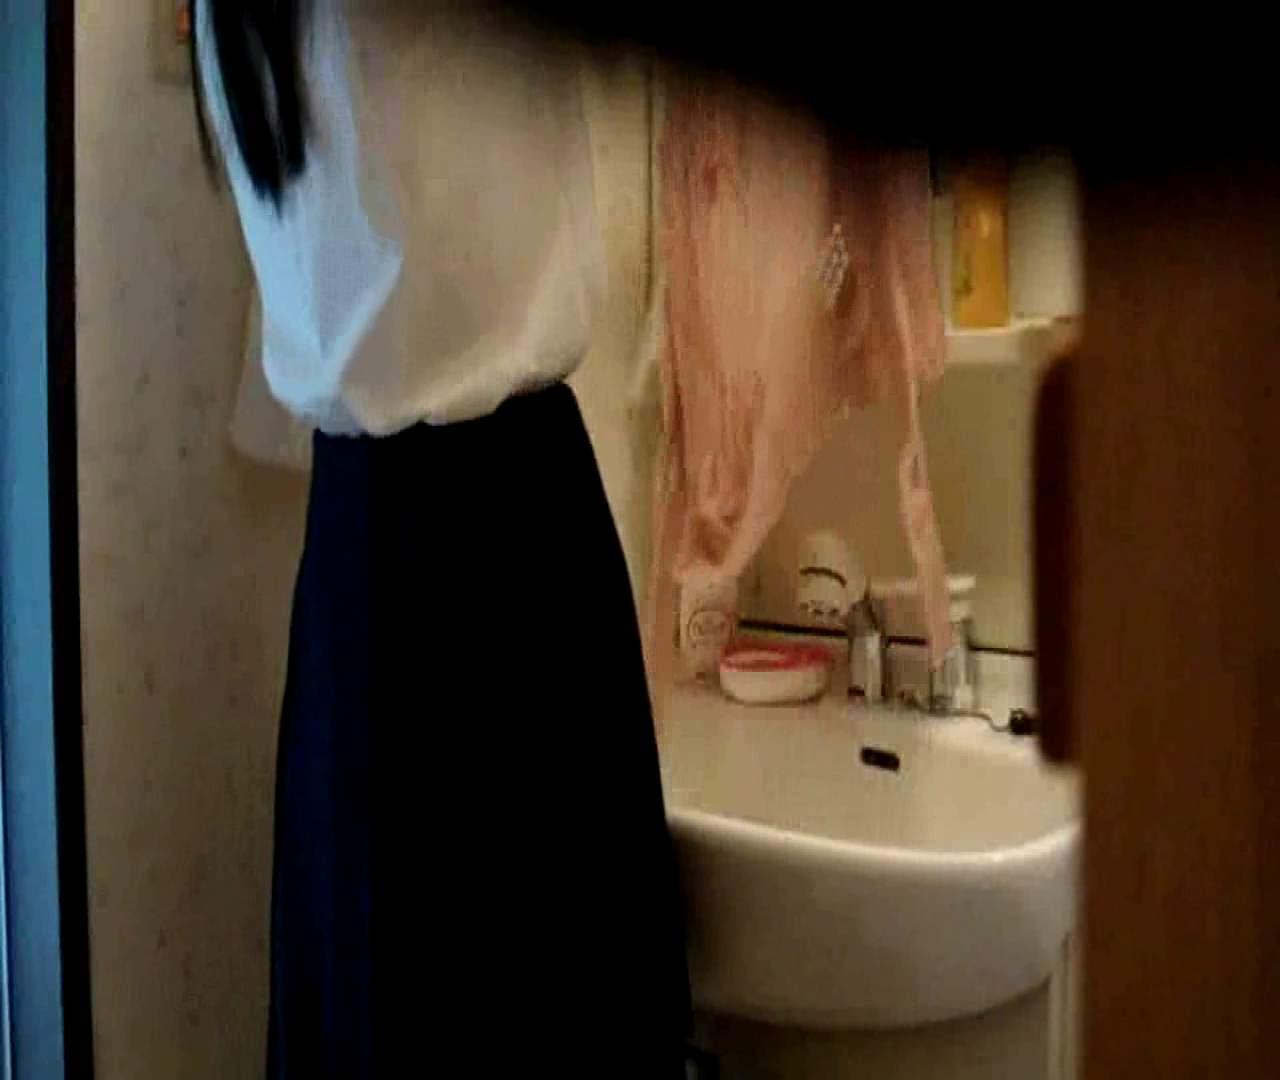 二人とも育てた甲斐がありました… vol.05 まどかが洗顔後にブラを洗濯 HなOL | 0  98pic 14